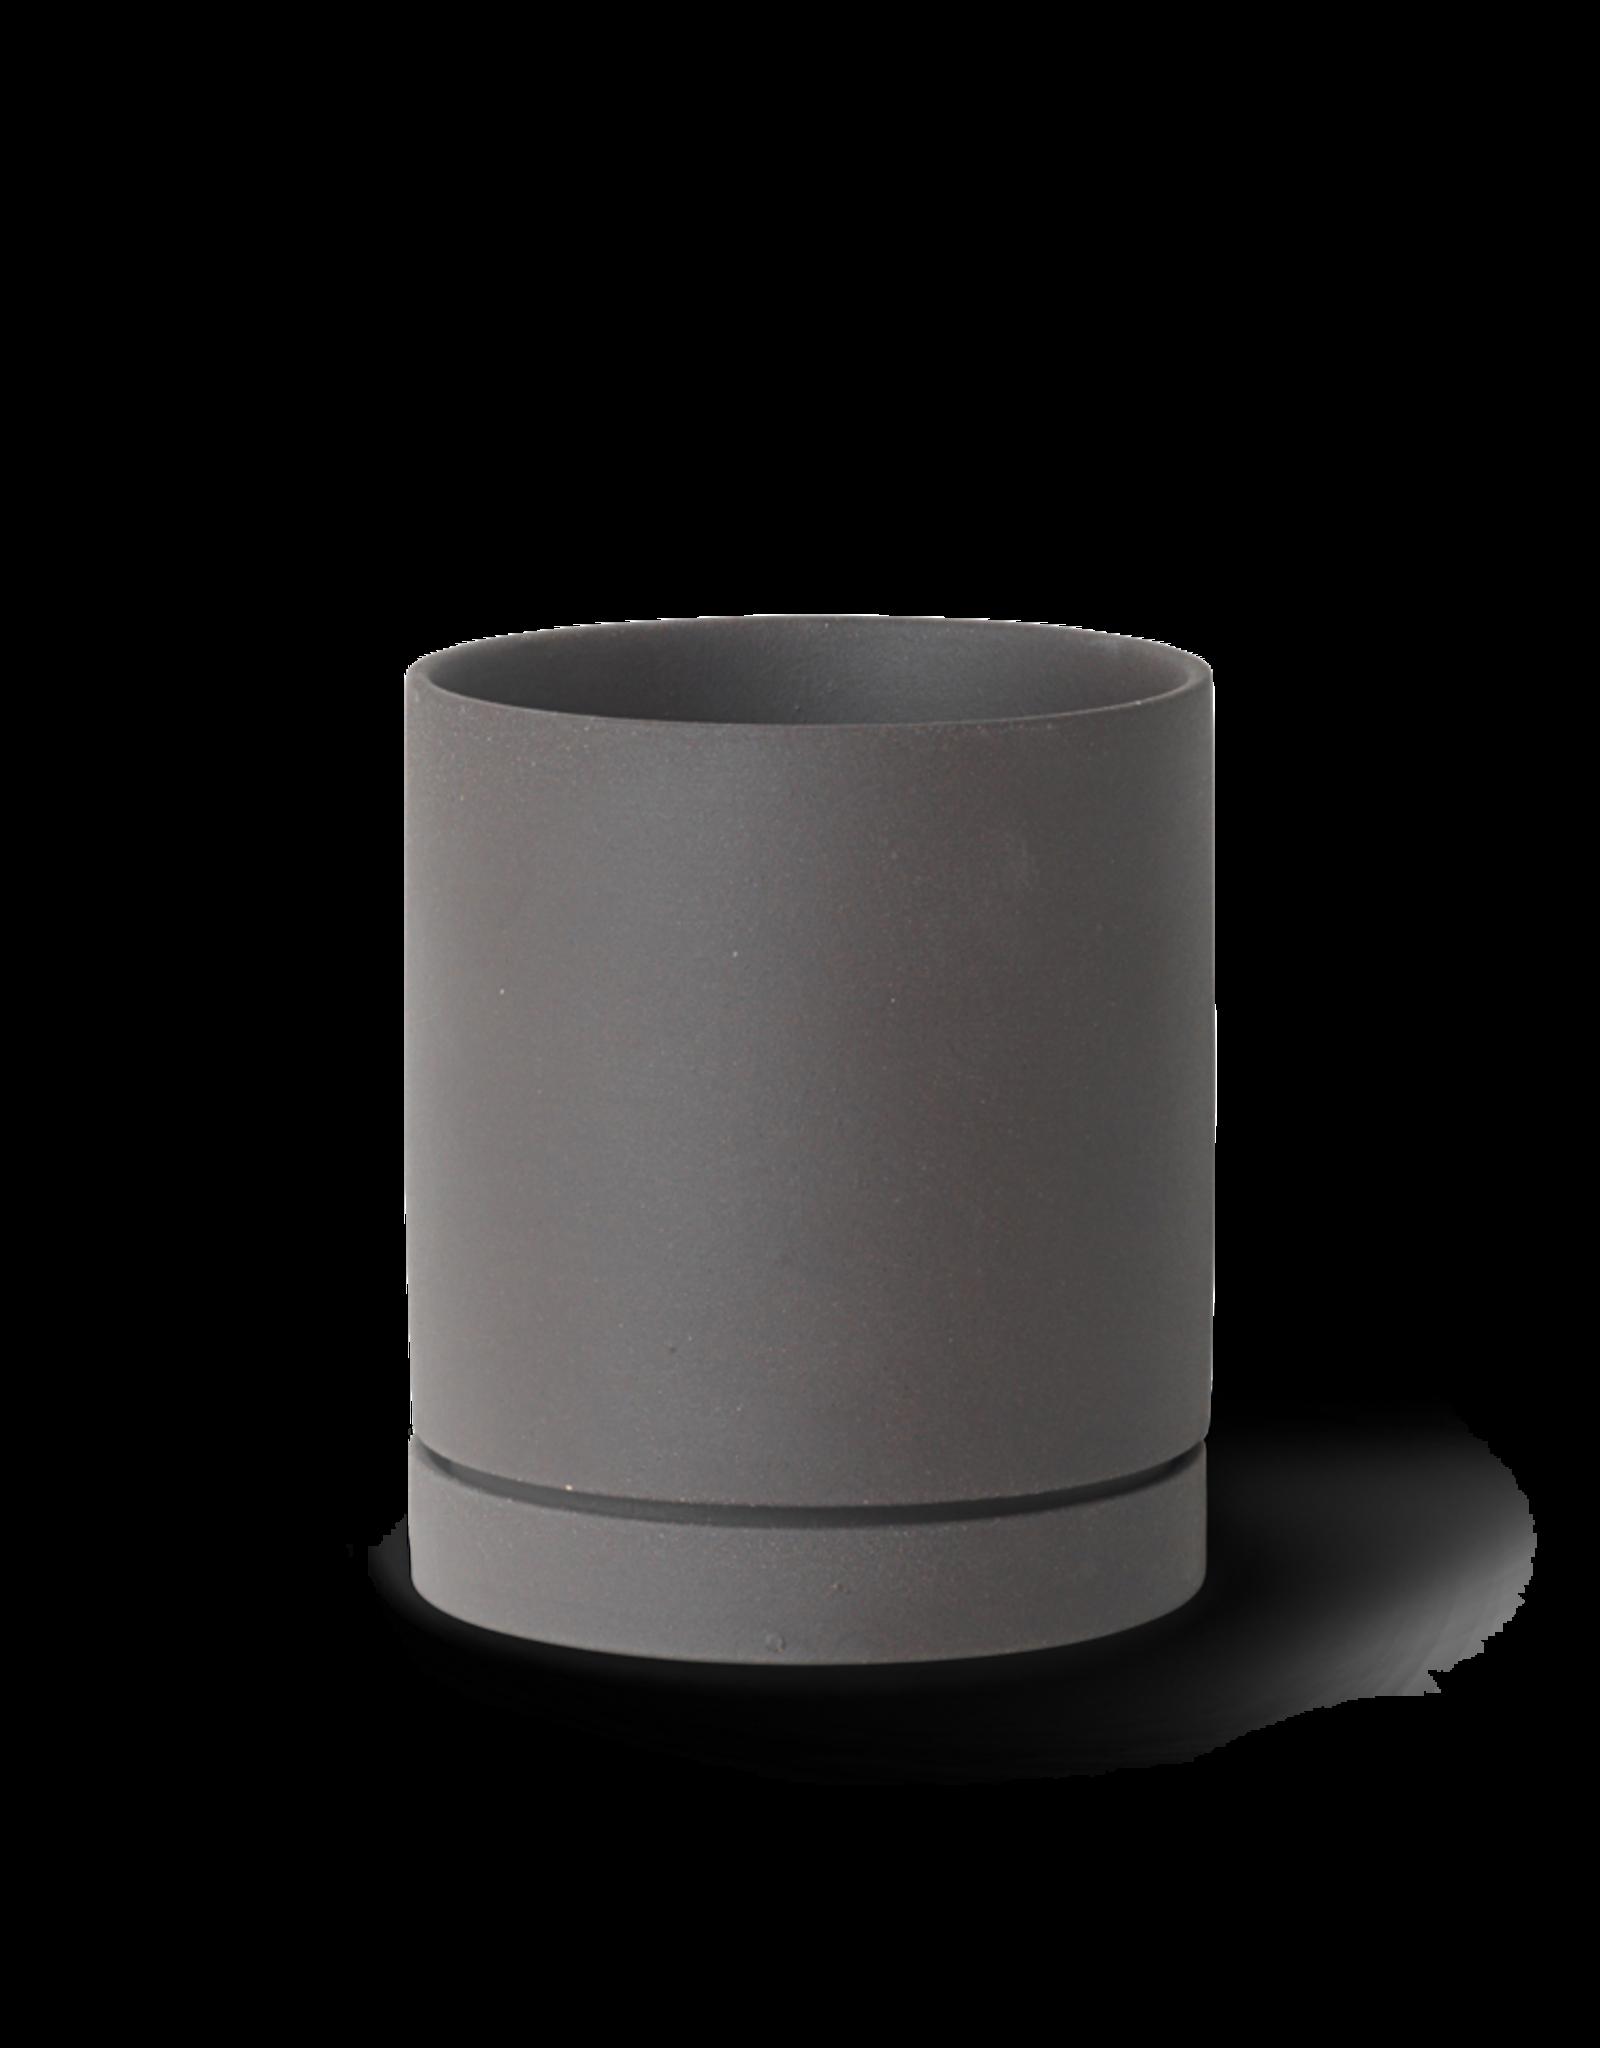 Ferm LIVING ferm LIVING Sekki Pot - Medium - Charcoal